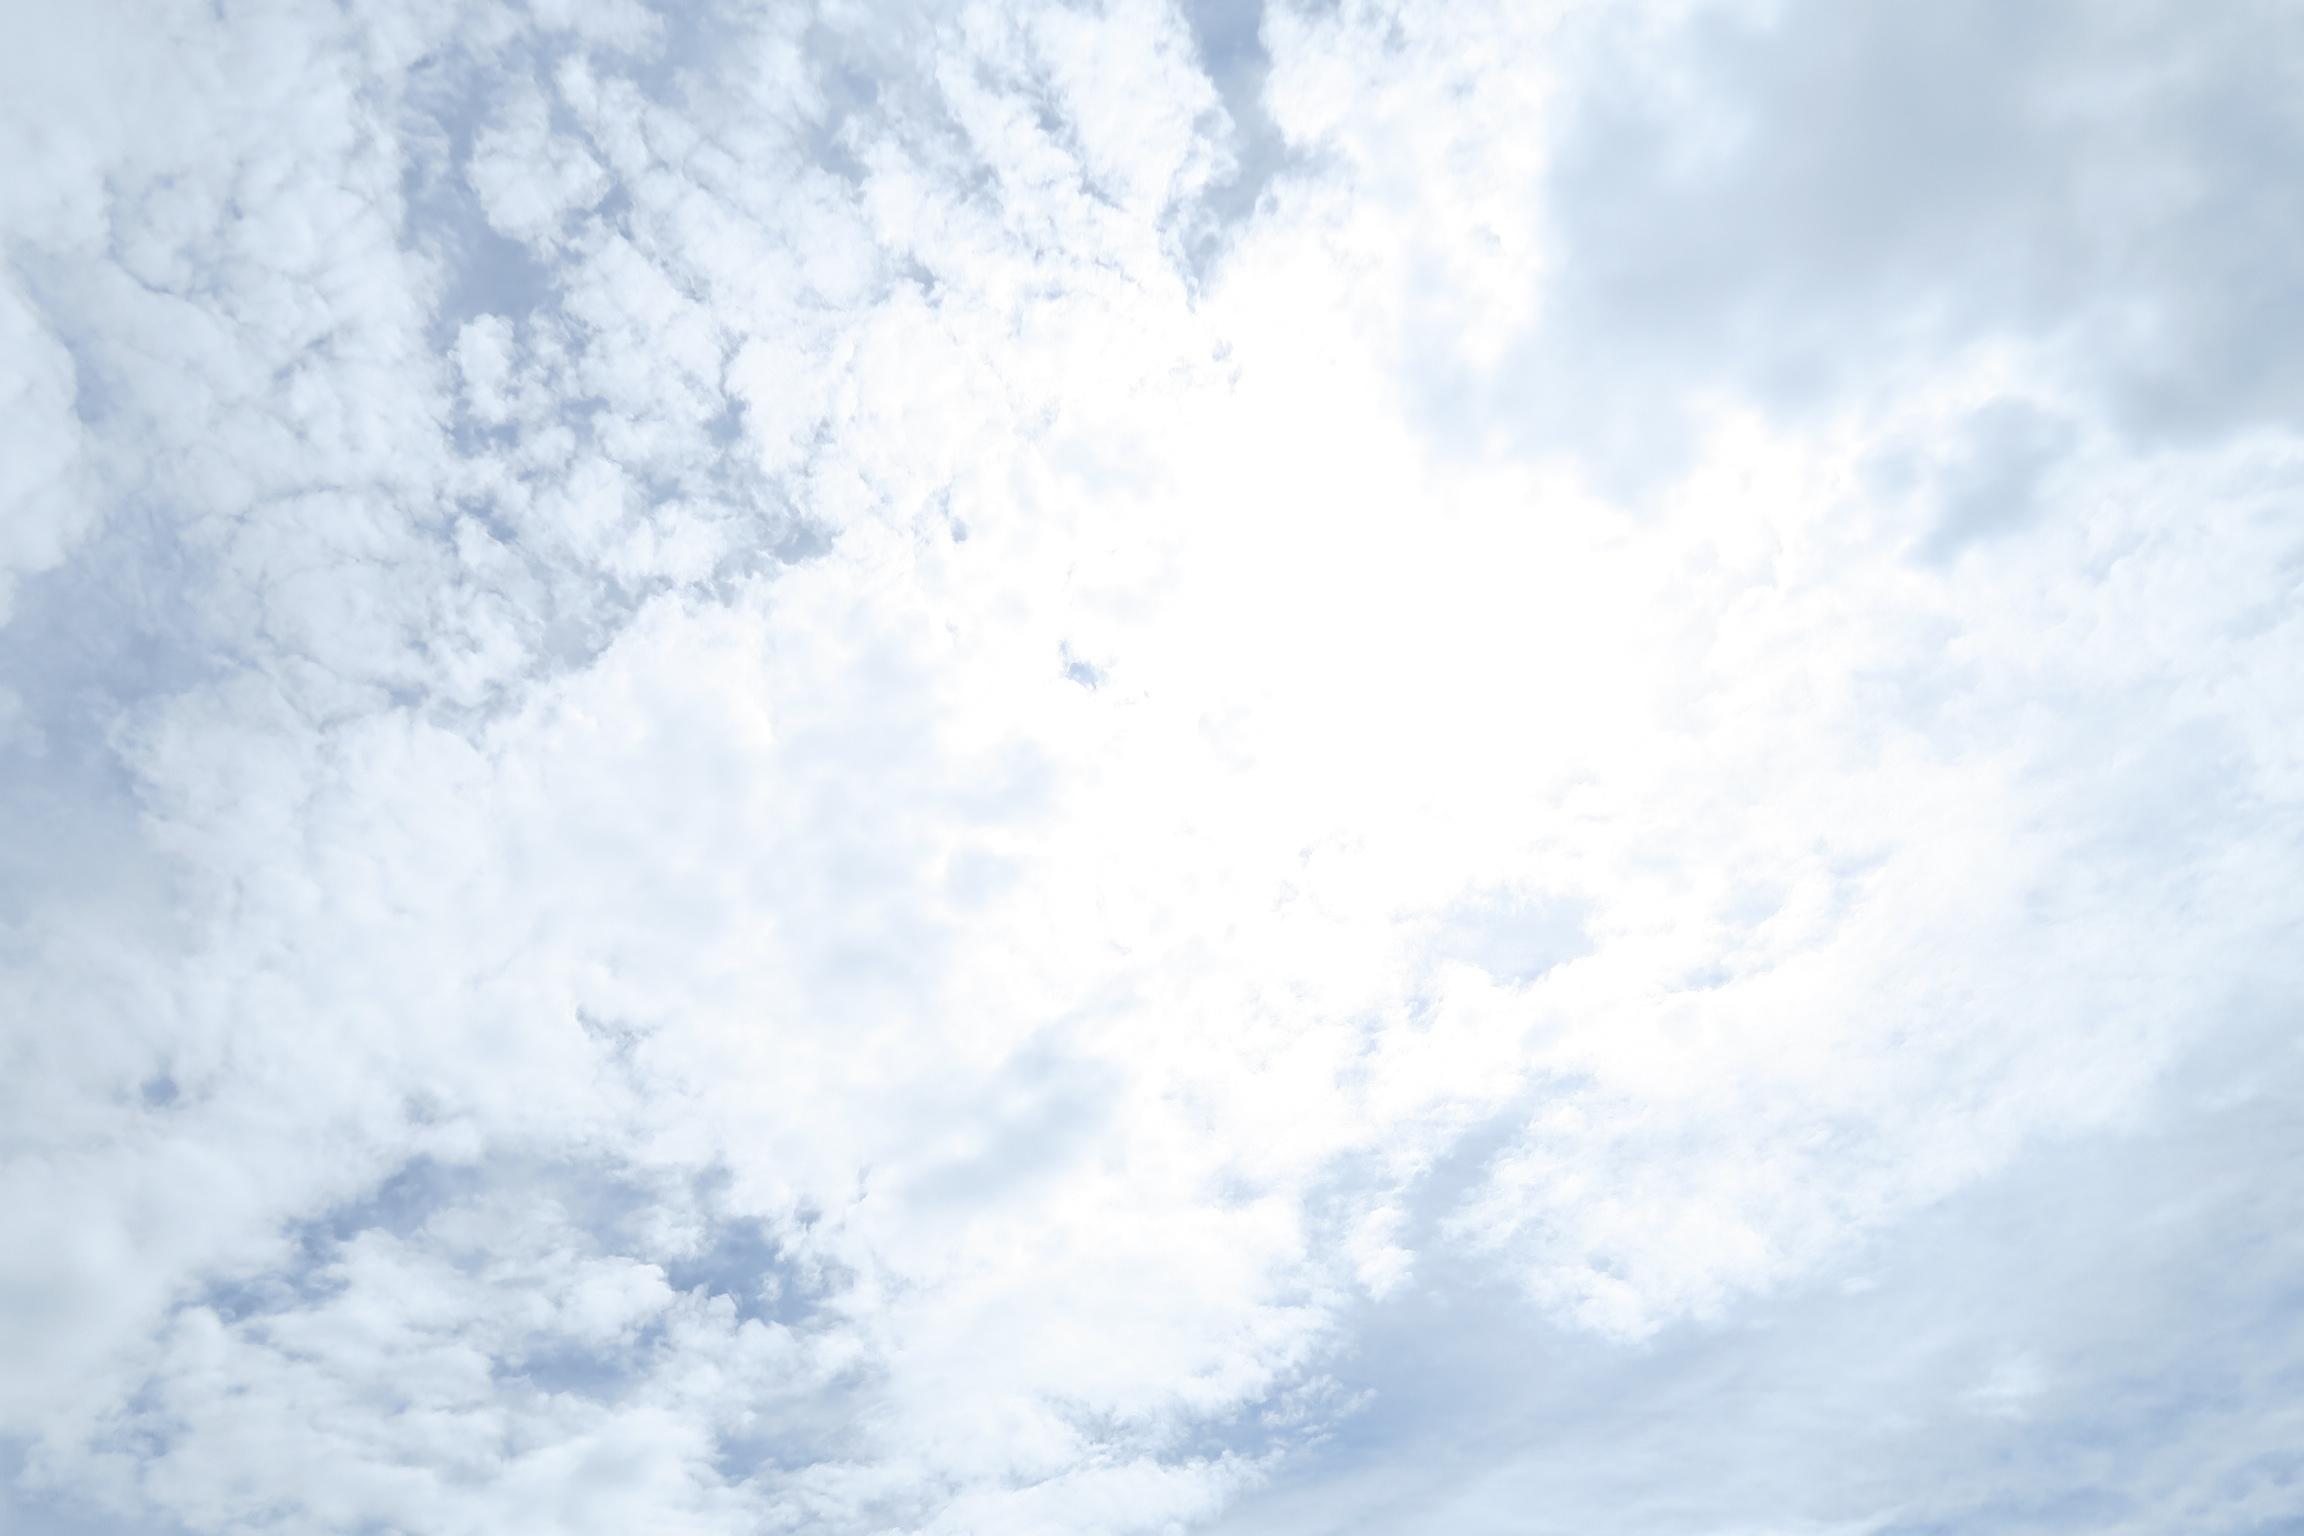 台風が過ぎた昼の雲